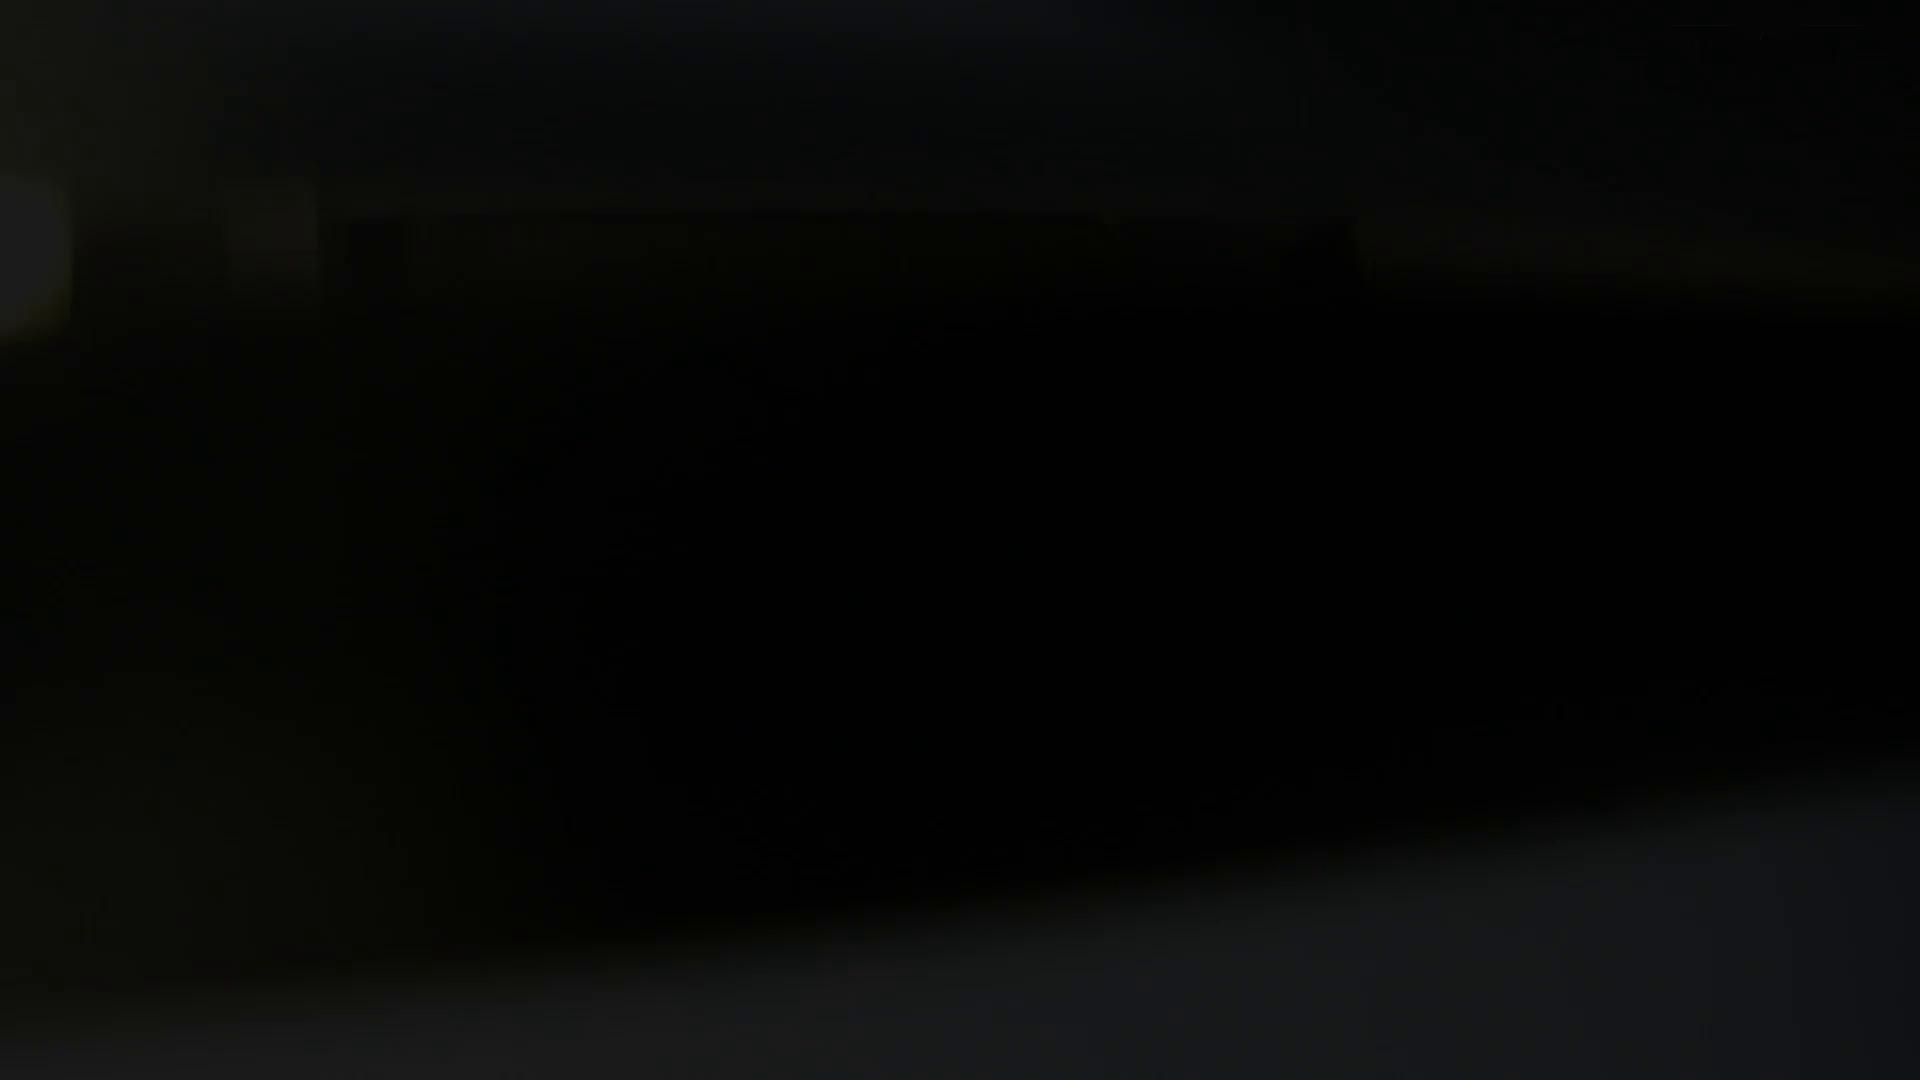 ギャルのツルピカ潜入盗撮!Vol.11 ギャルの実態 盗み撮りAV無料動画キャプチャ 72pic 18